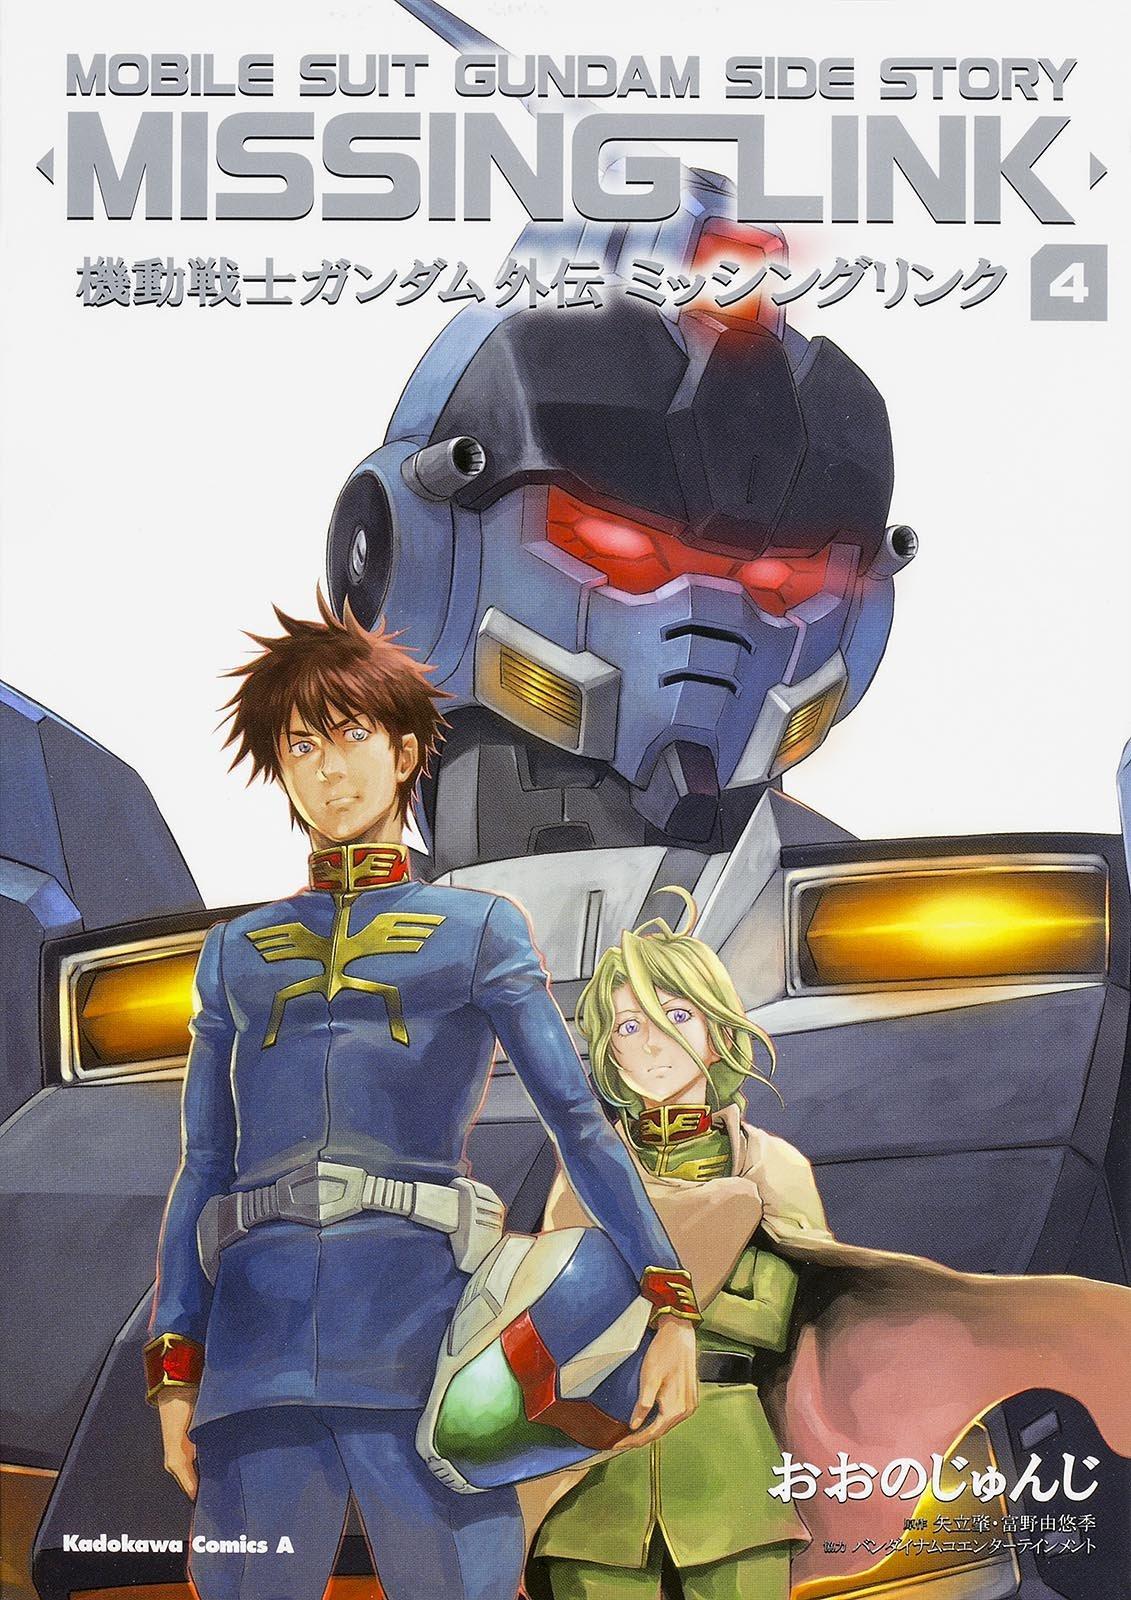 機動戦士ガンダム外伝 ミッシングリンク (4)